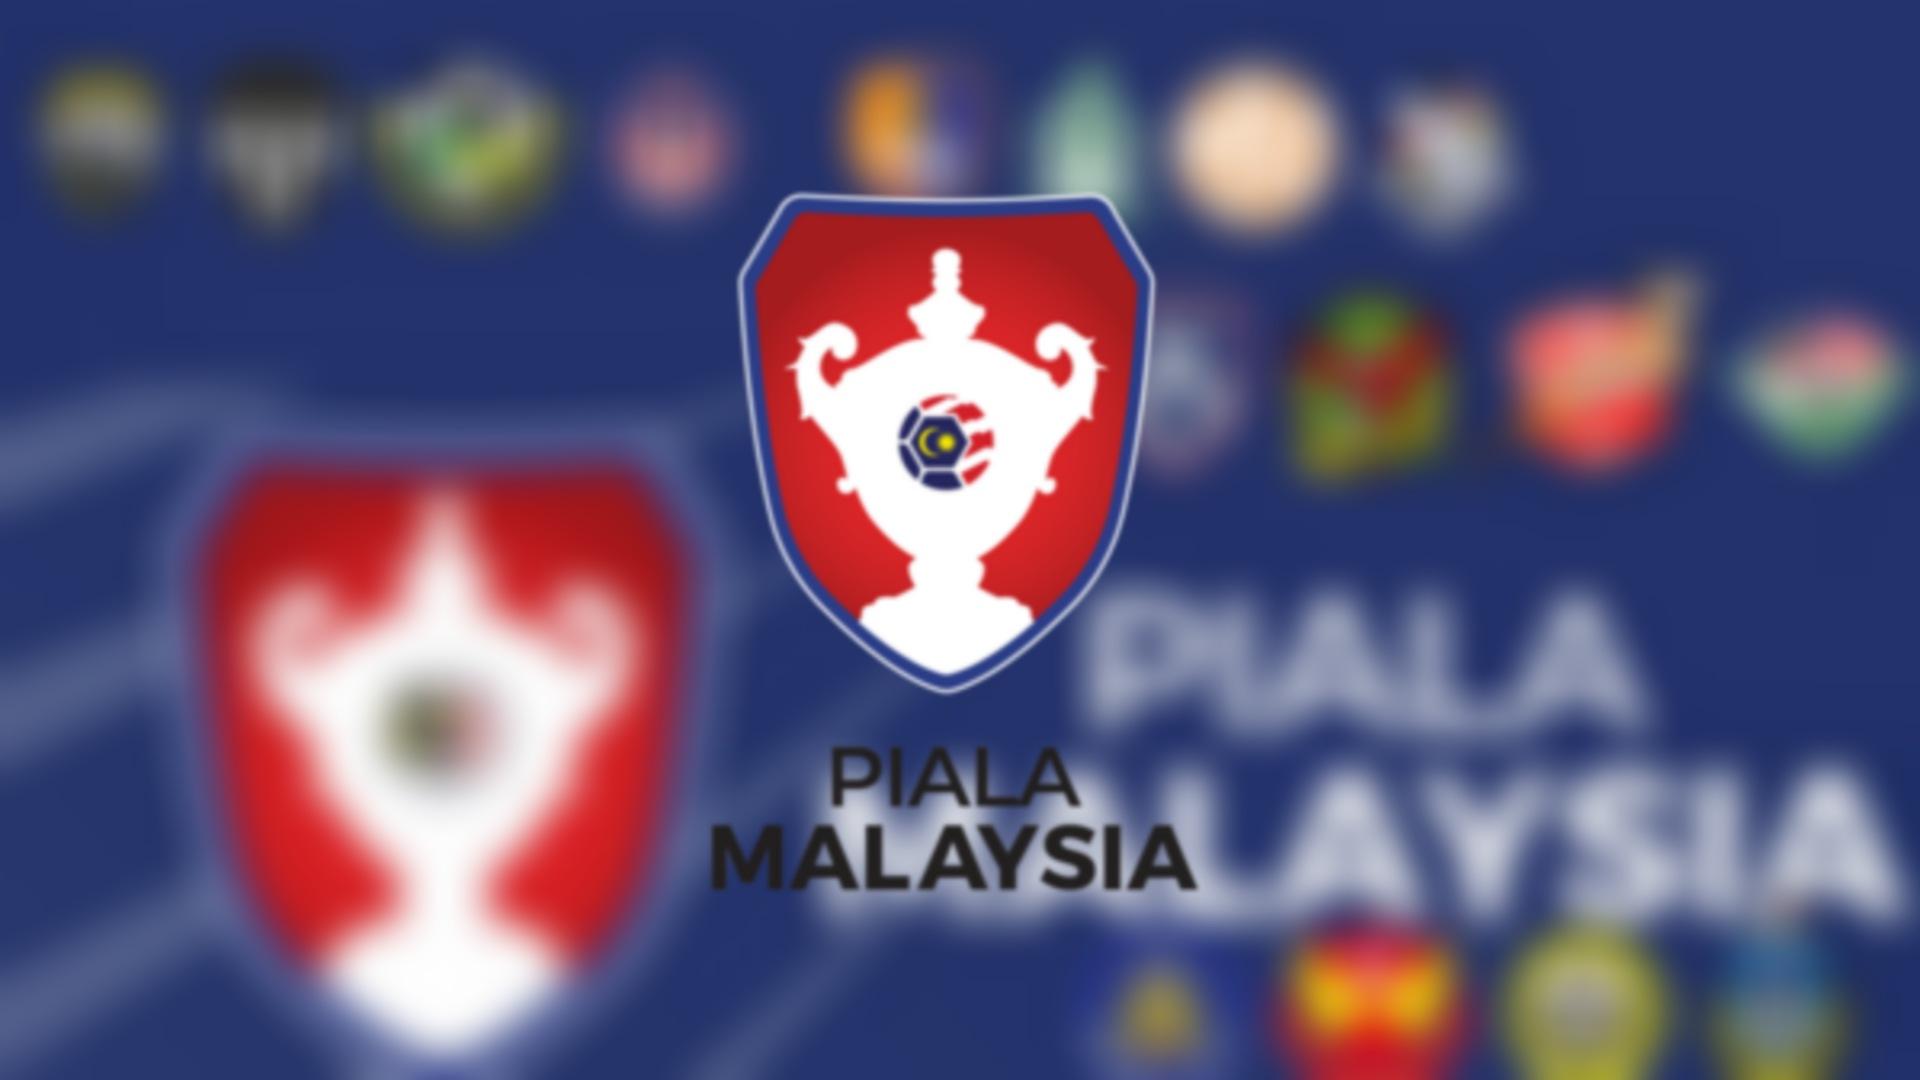 Jadual Piala Malaysia 2020 (Keputusan)